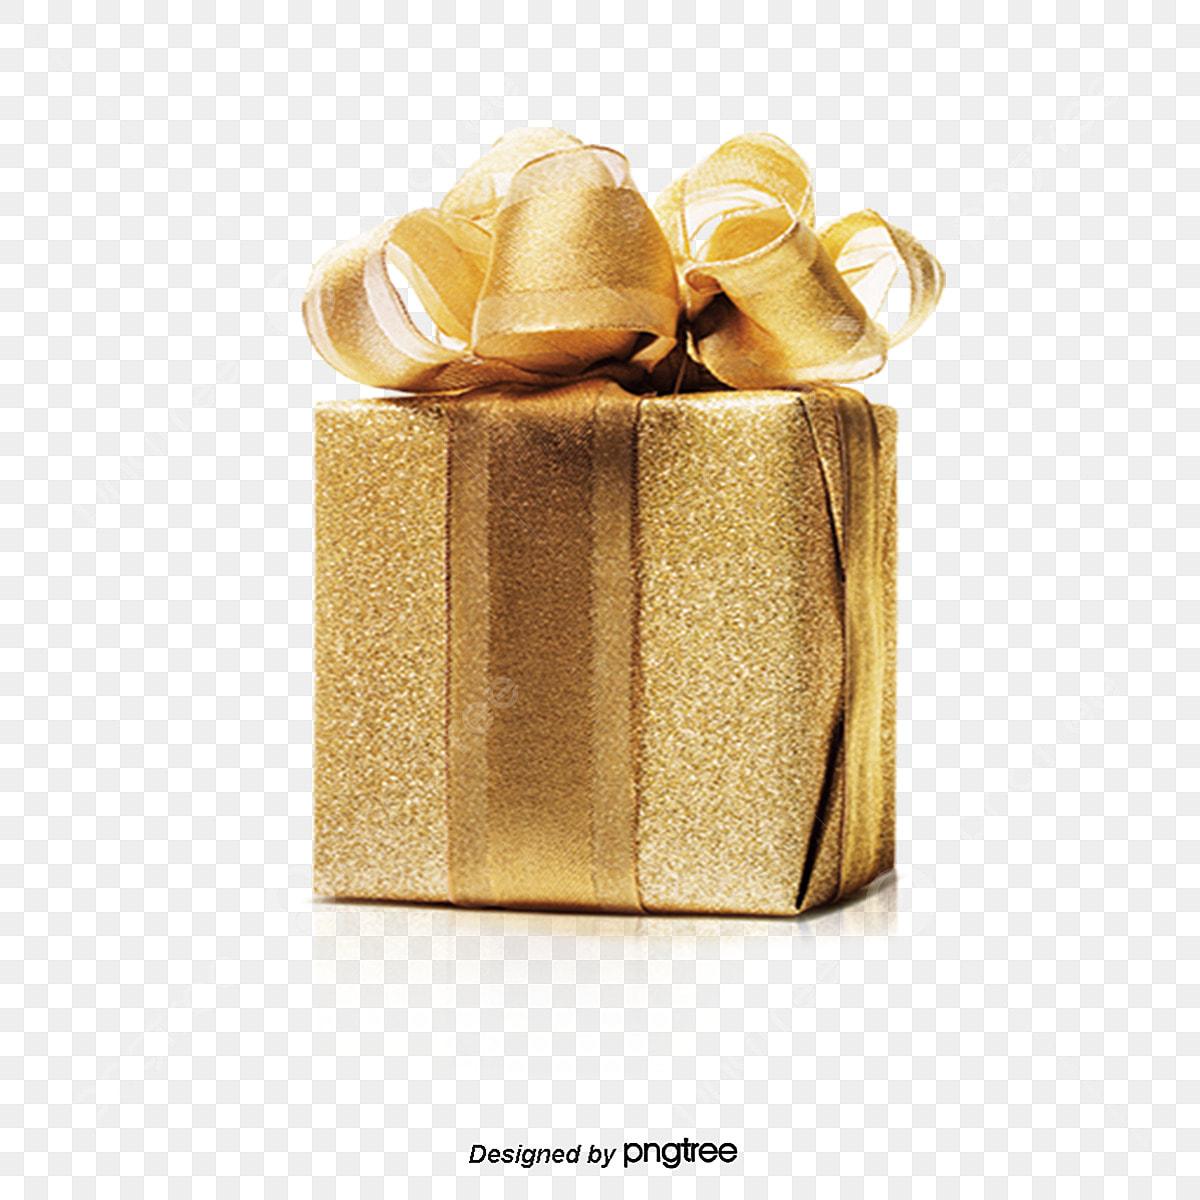 هدية عيد الميلاد العناصر الذهبي عنصر عيد الميلاد هدية Png وملف Psd للتحميل مجانا